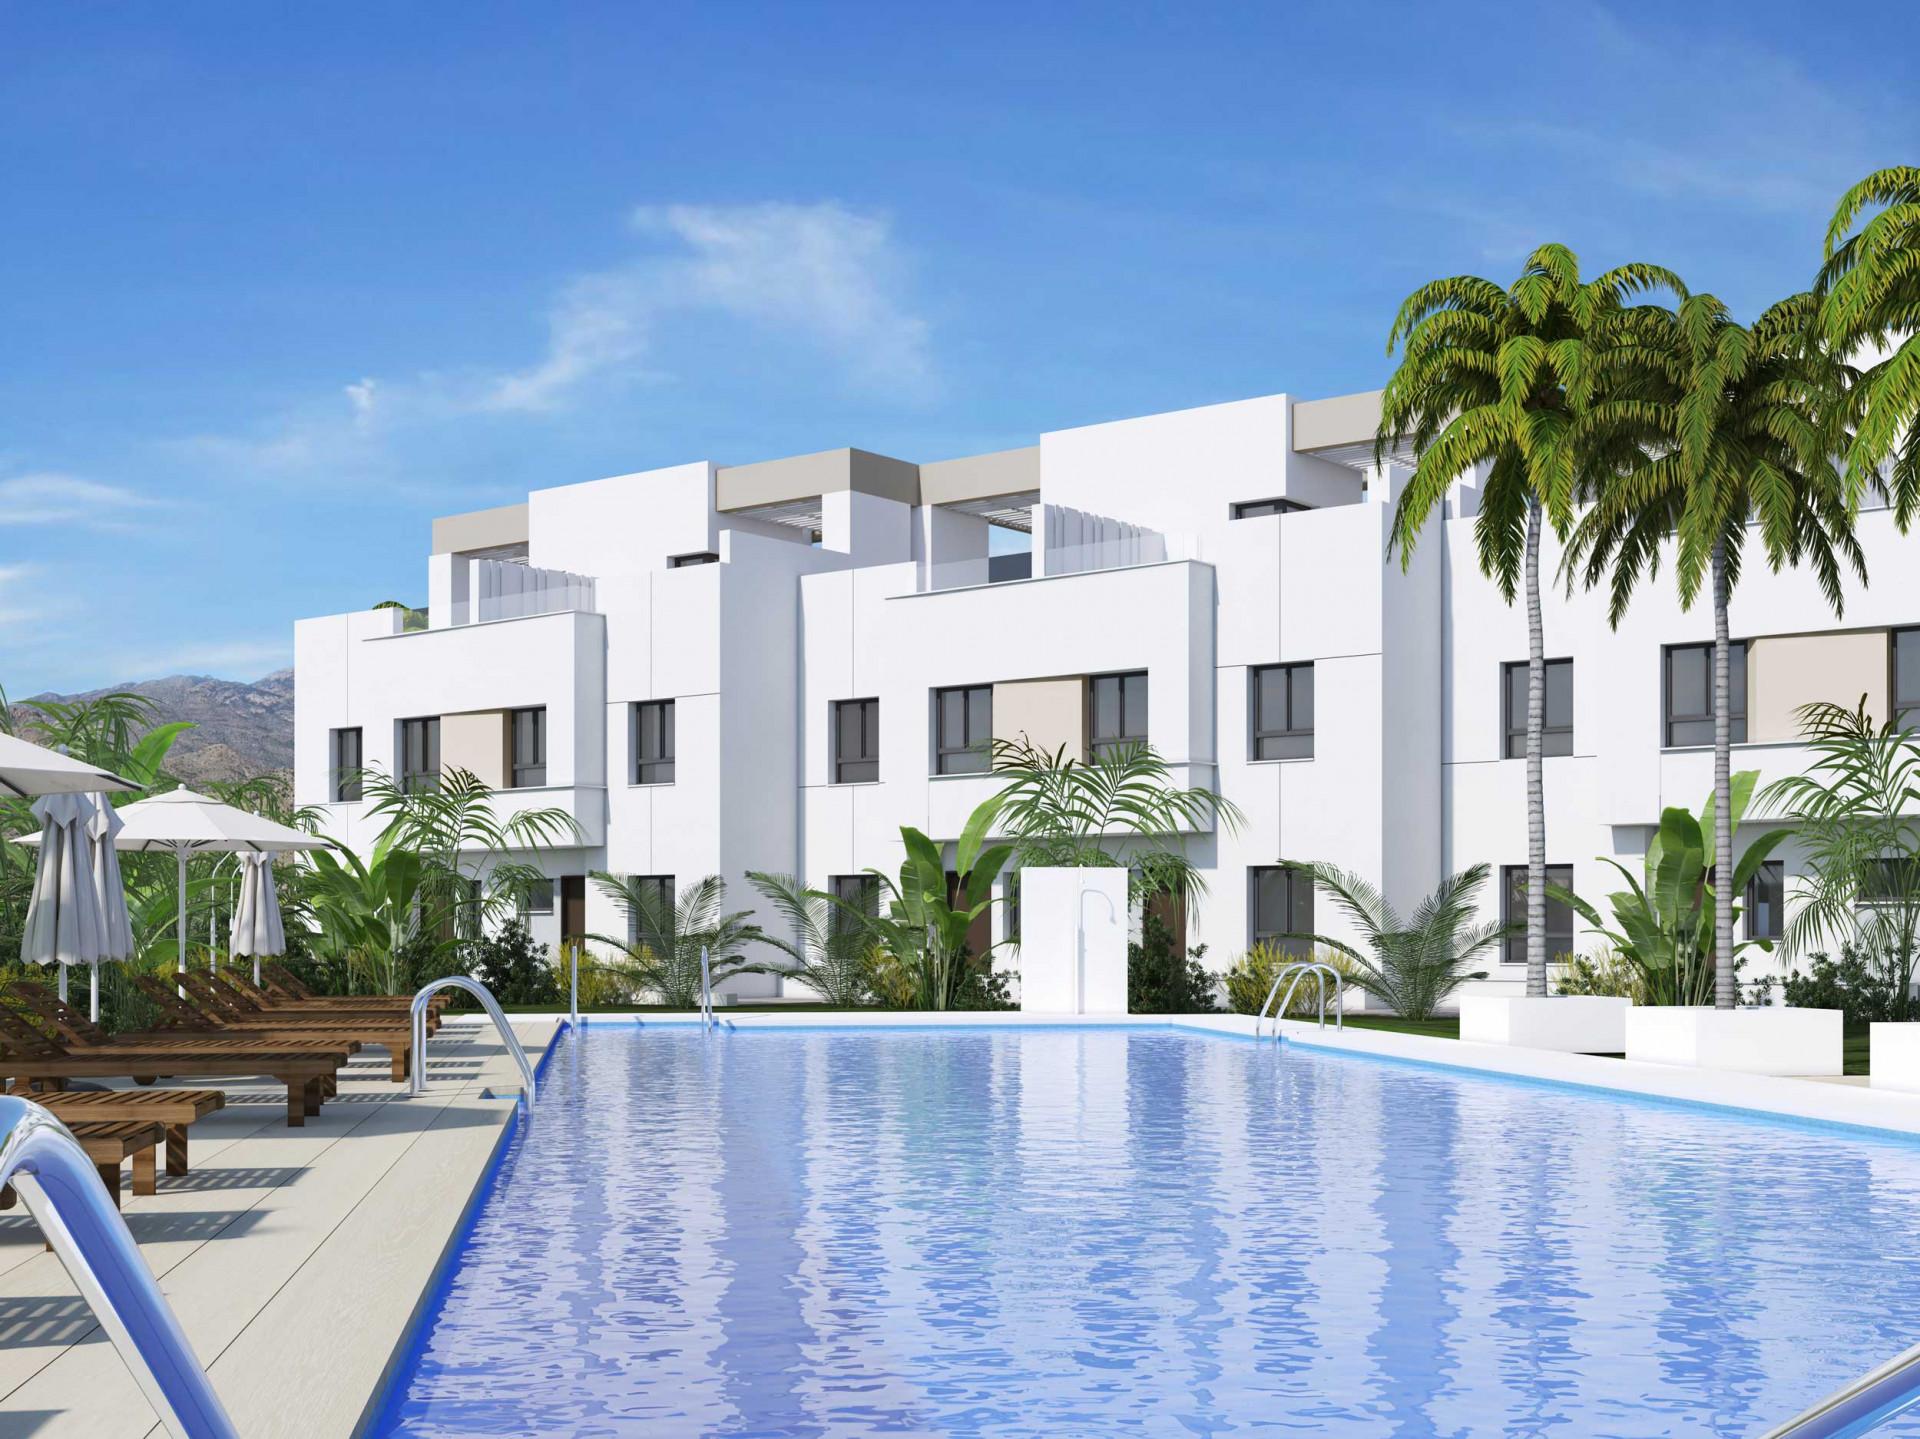 ARFTH146 - Townhäuser zum Verkauf ? Projekt für 40 neue Townhäuser im La Cala Golf Resort